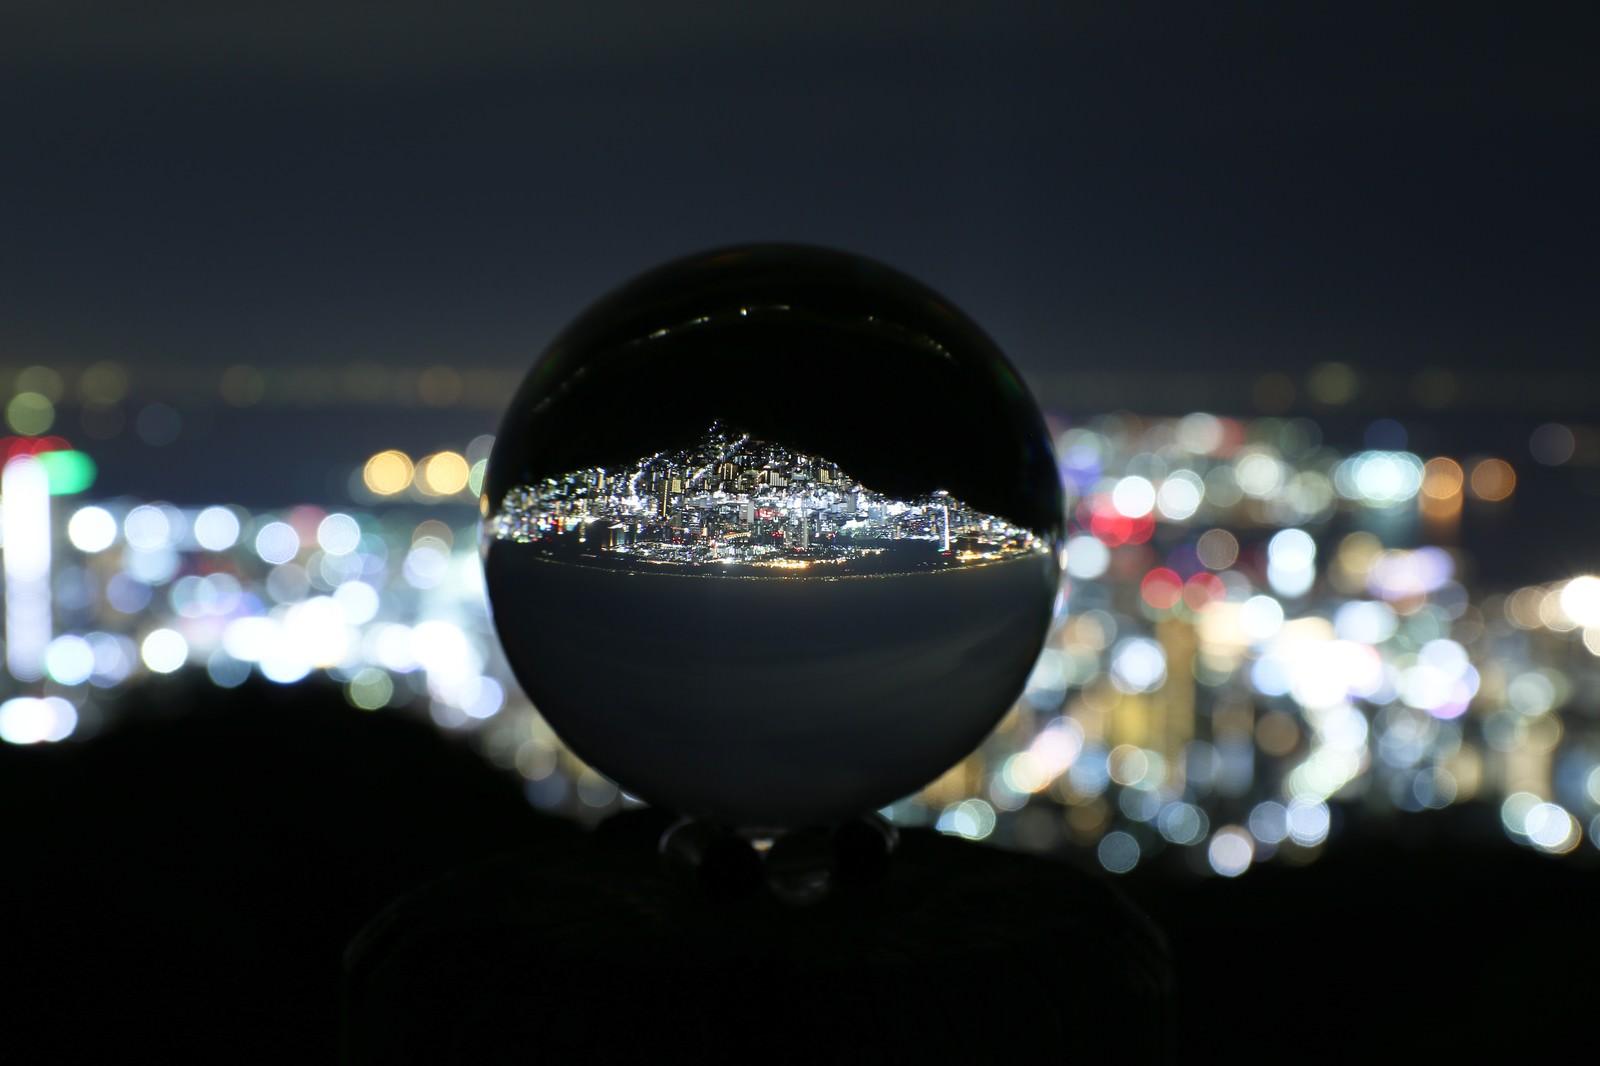 「ガラス玉に映る反転した夜景」の写真